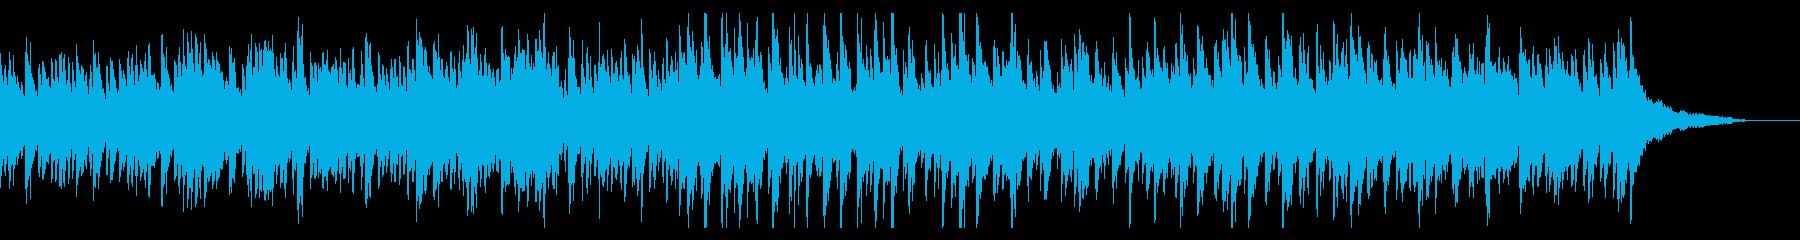 自然体のほのぼのとした日常曲の再生済みの波形